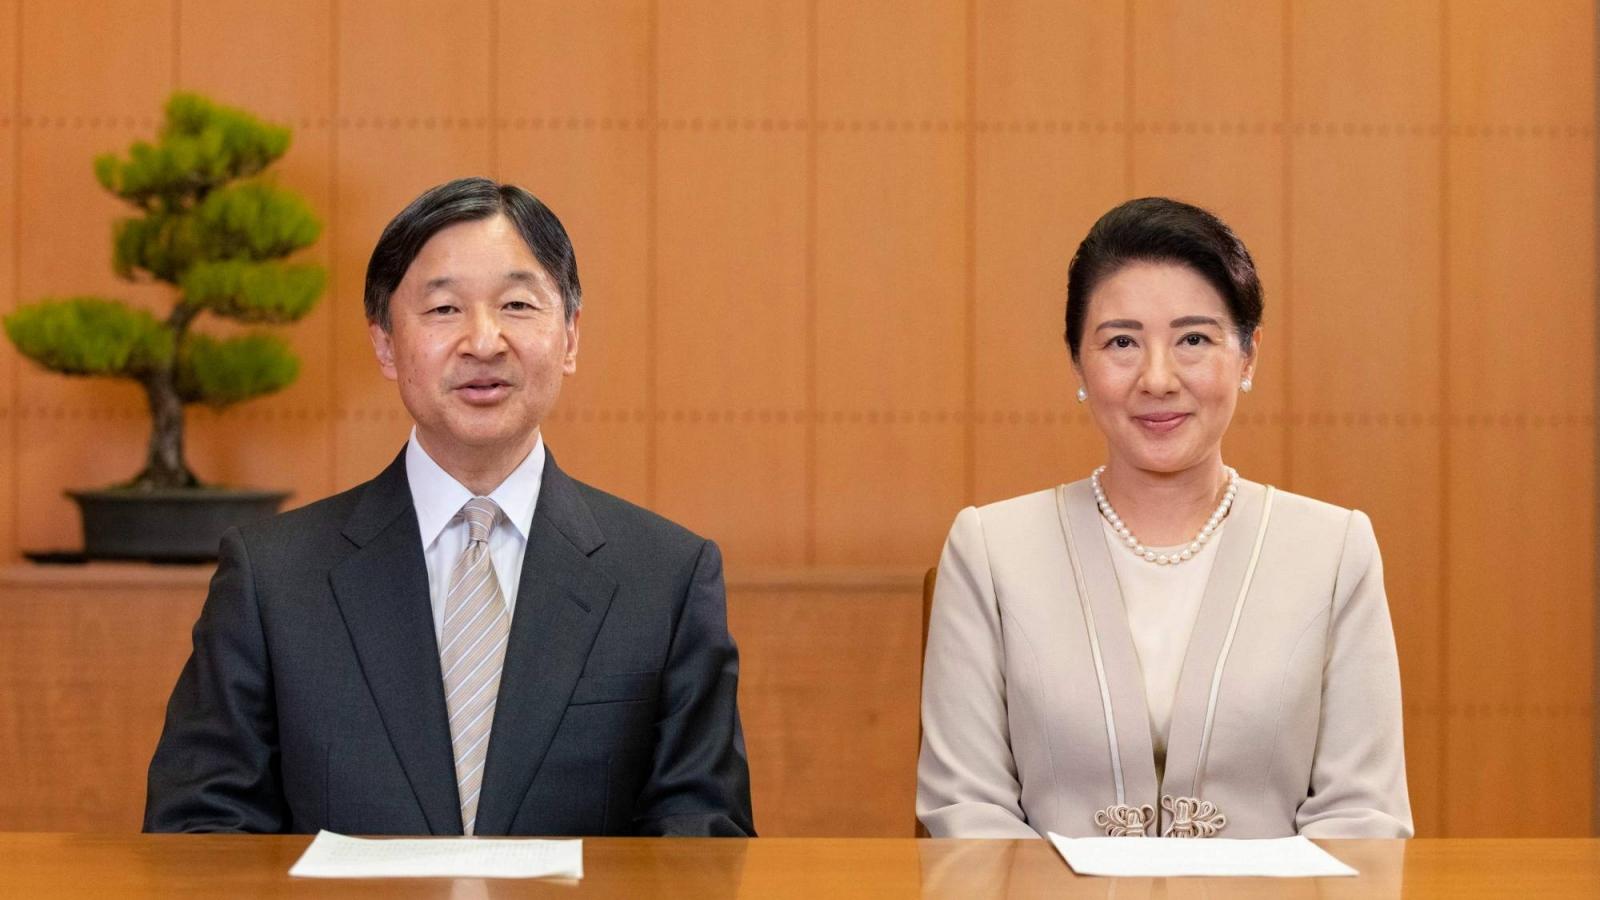 Nhật Hoàng gửi thông điệp chúc mừng năm mới đến toàn thể người dân